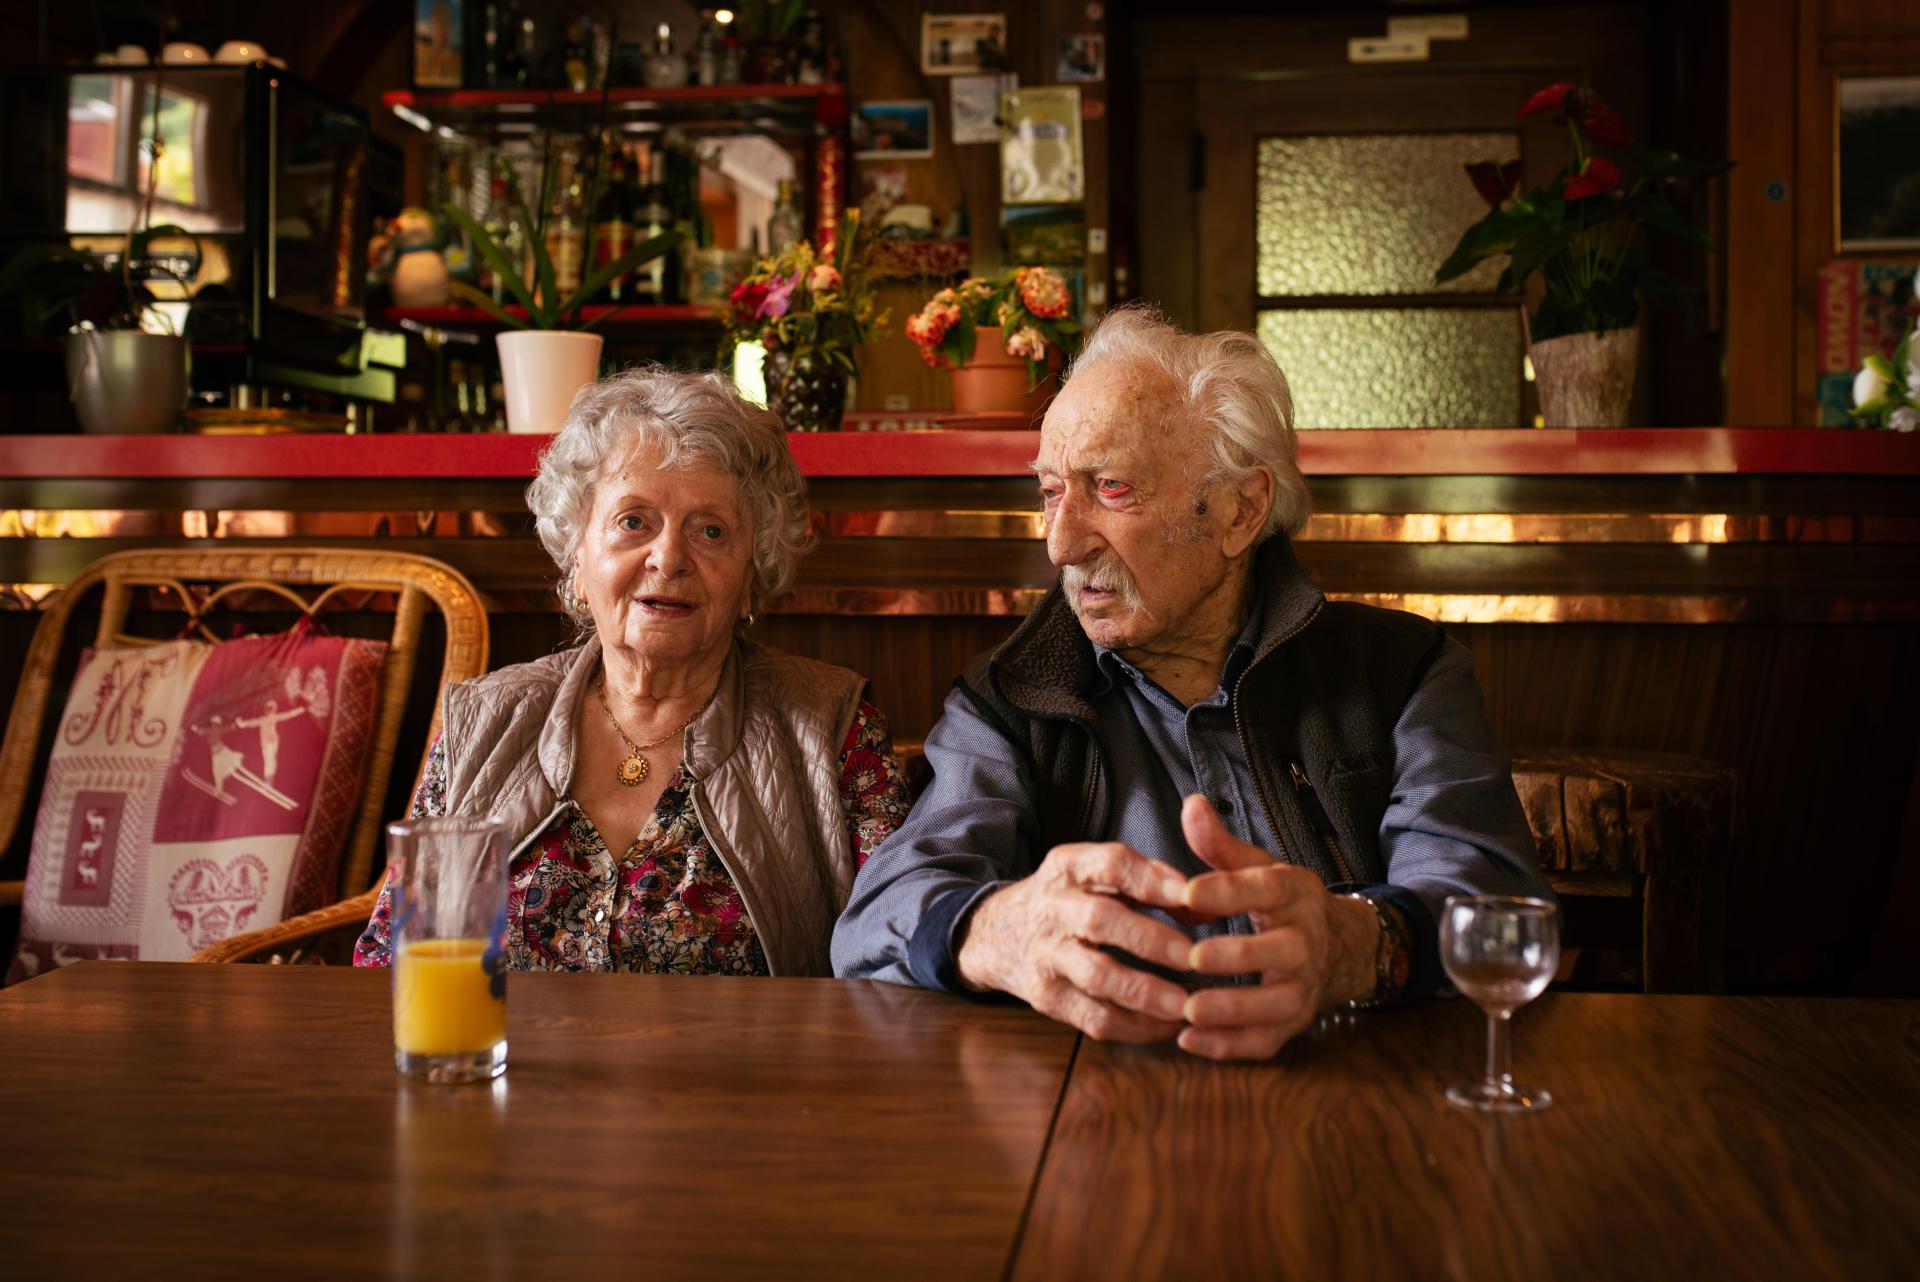 Liliane, patronne du bar La Chapelle, et son mari Marcel, centenaire, à Lélex (Ain), le 29 juin 2021.